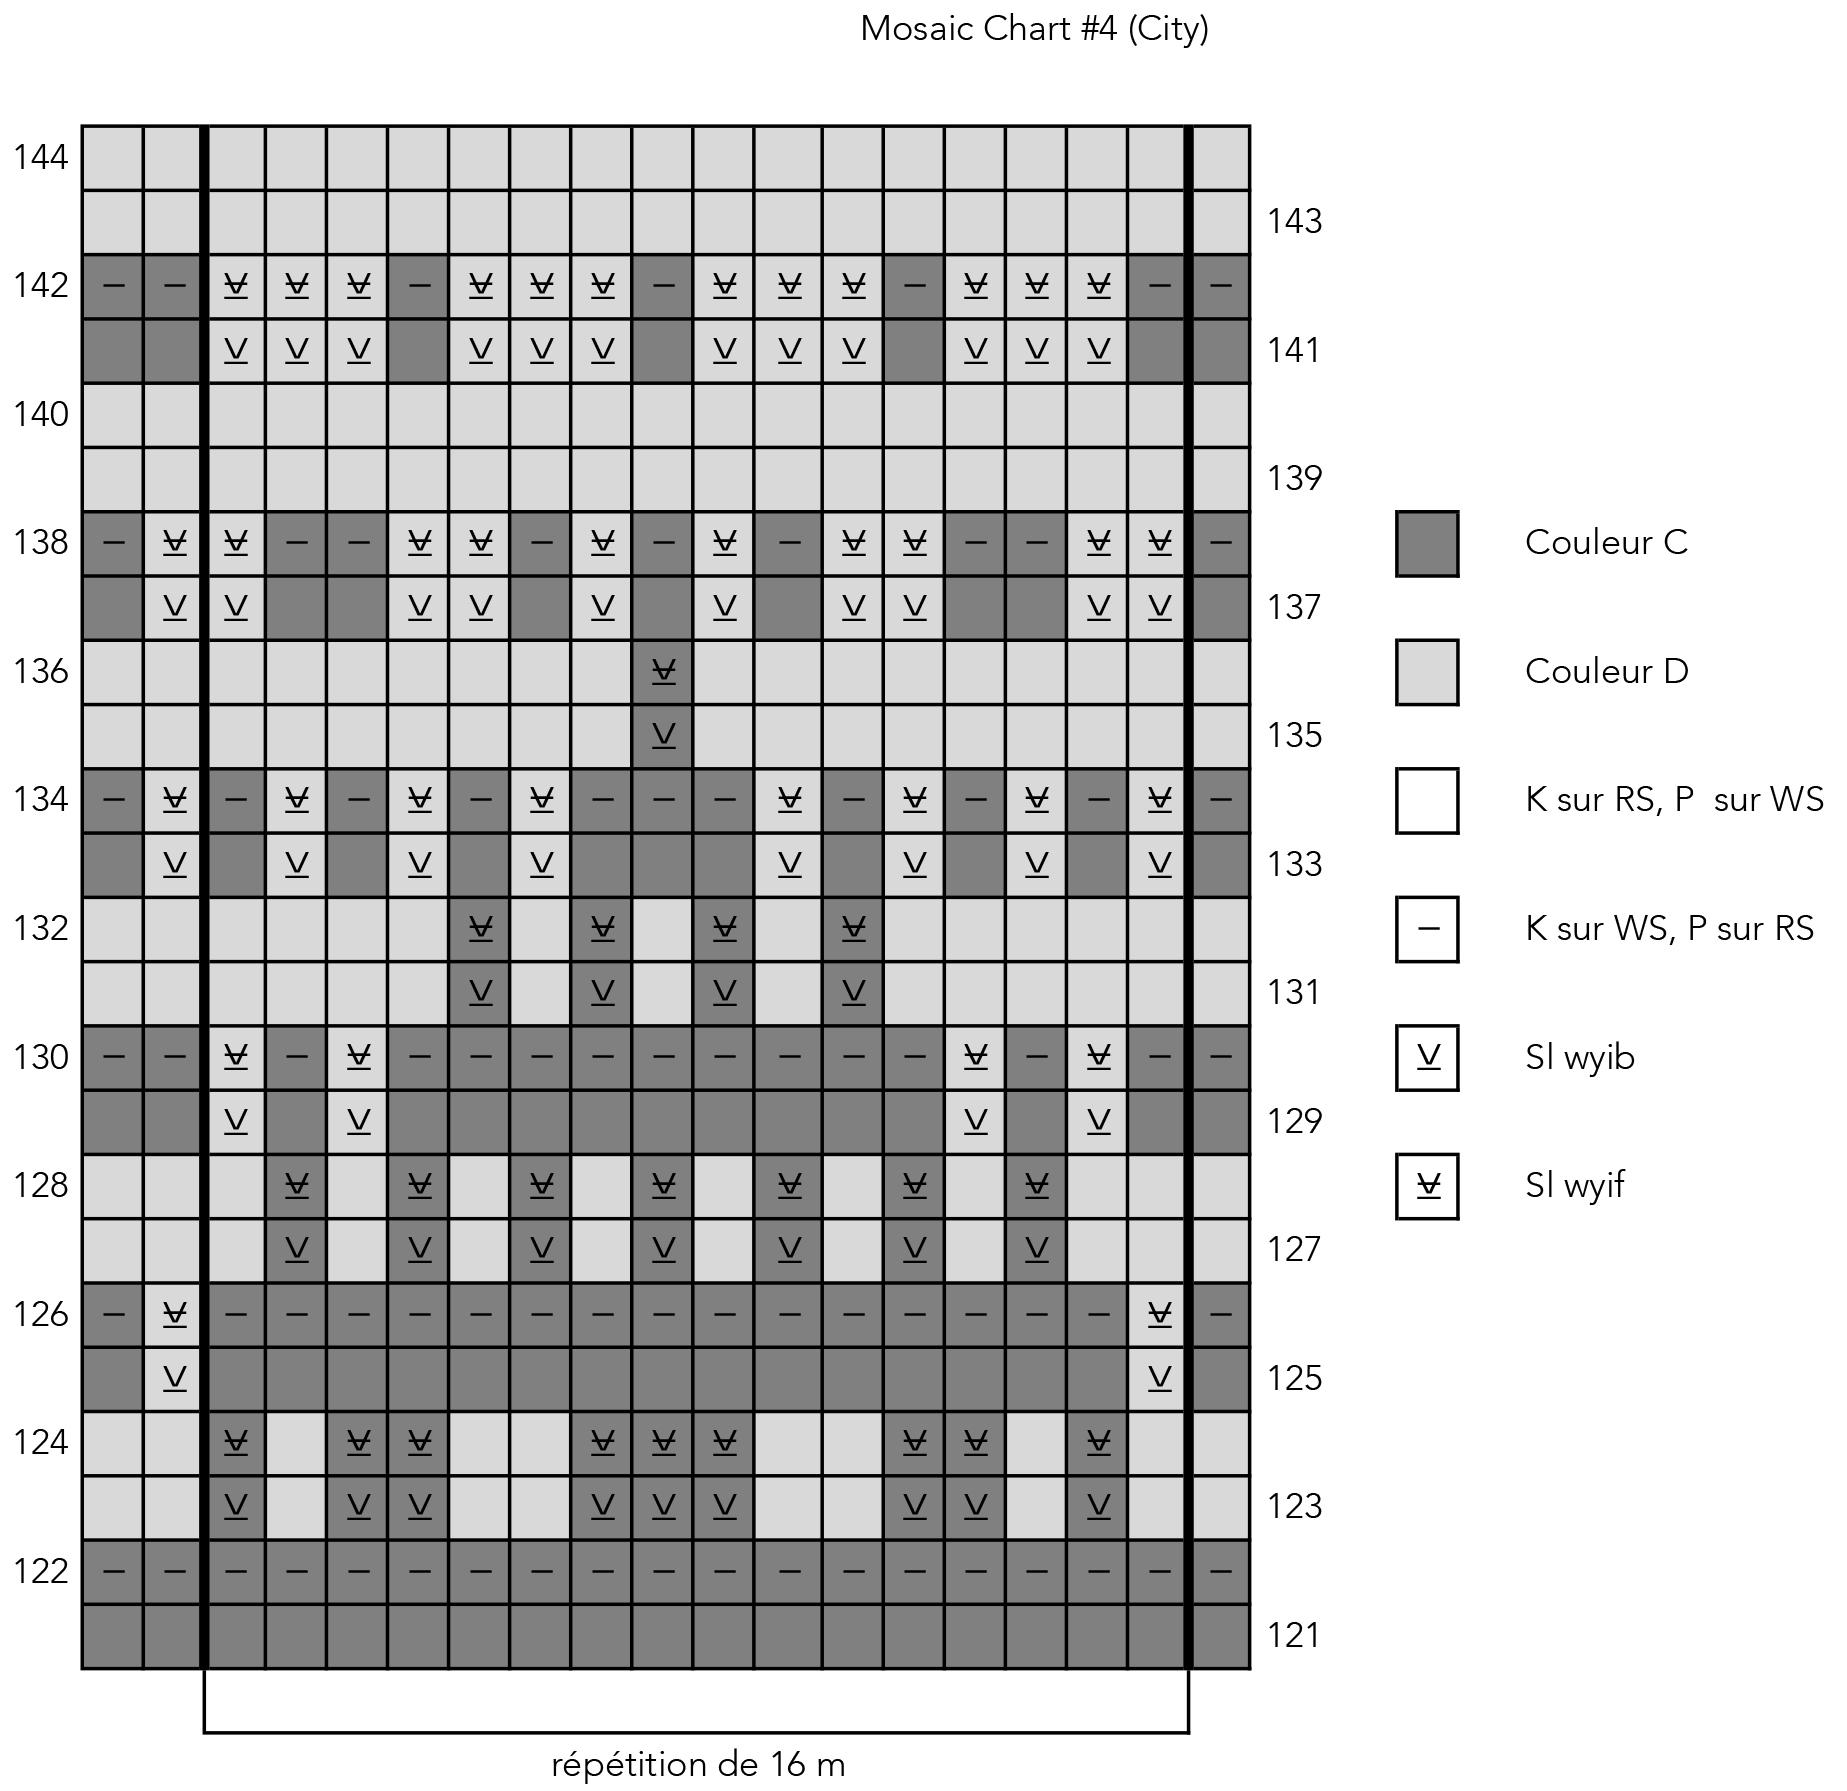 Mosaic Chart 4 City_French